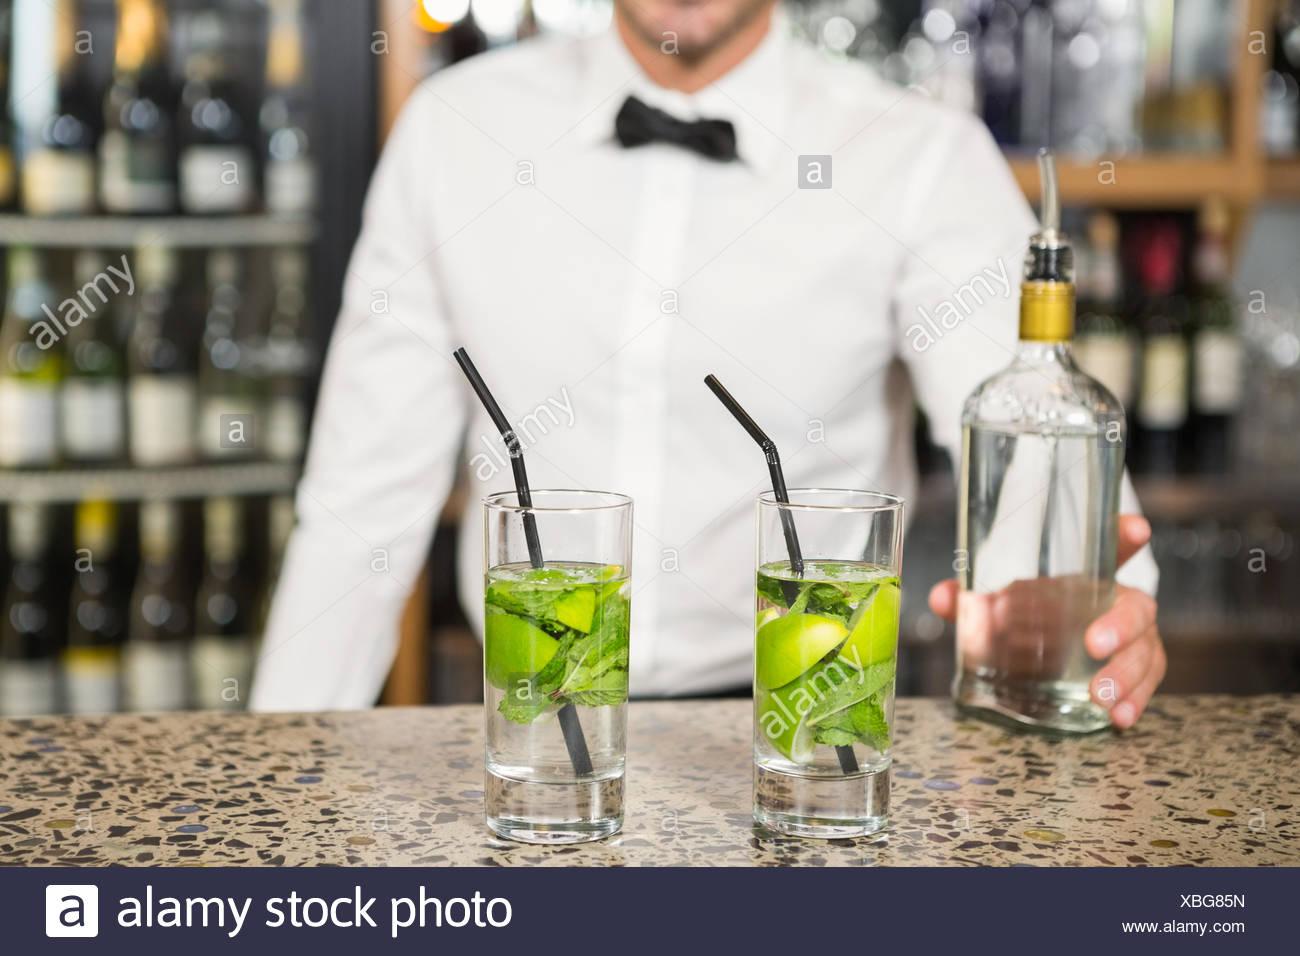 Bar tender making cocktails - Stock Image